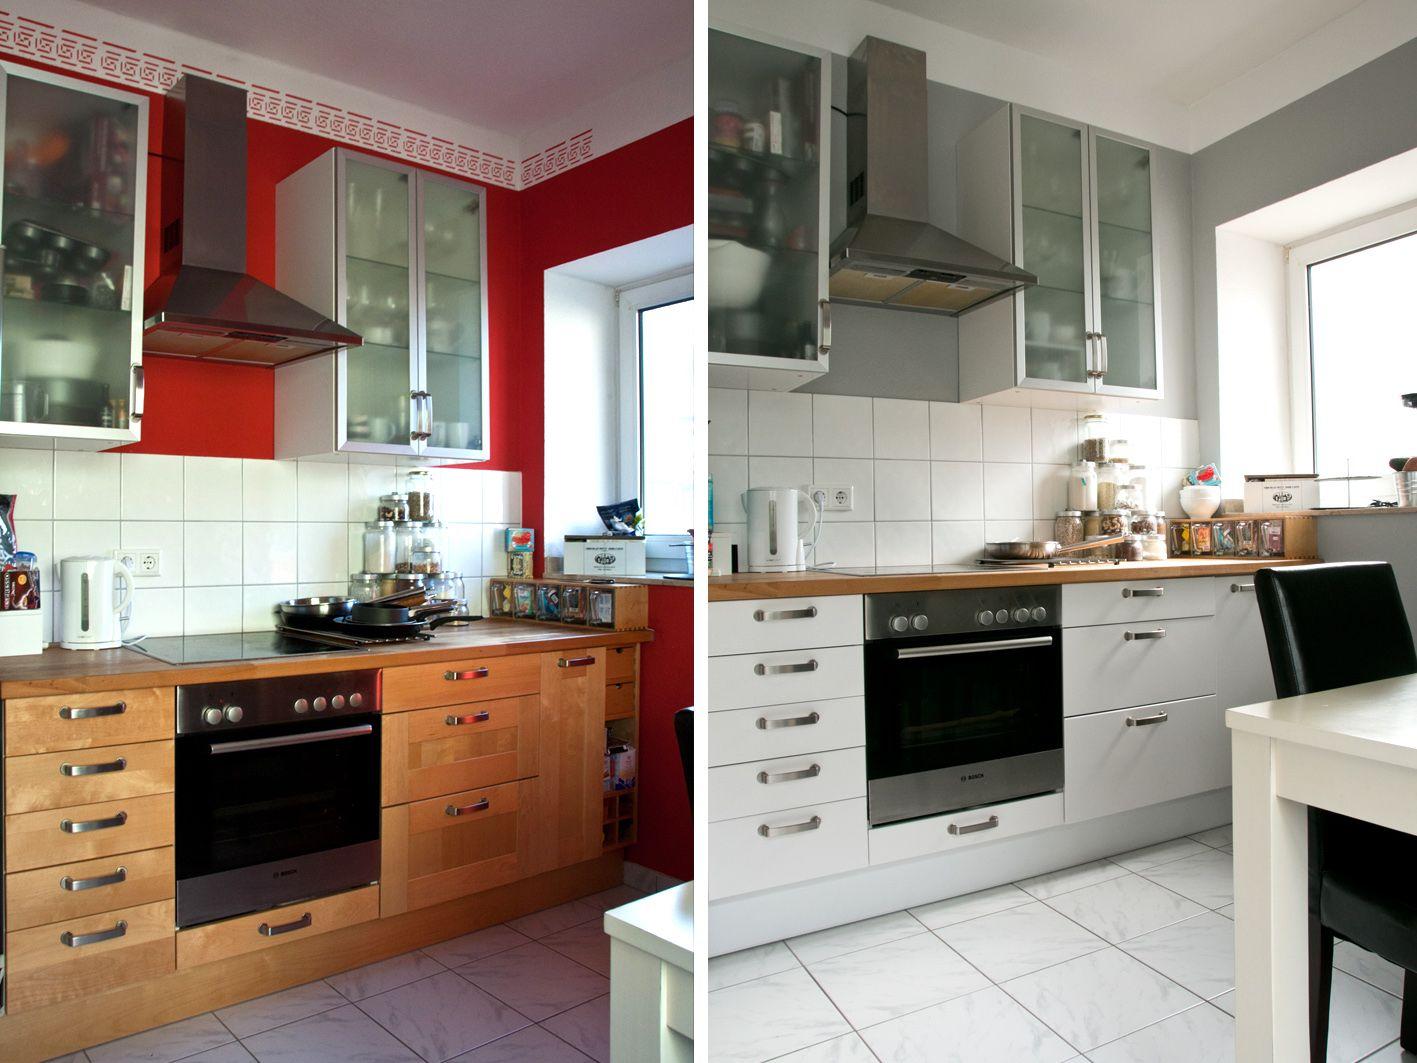 Küchenfronten Streichen ~ Makeover: küche verschönern vorher nachher teil 2 kitchens